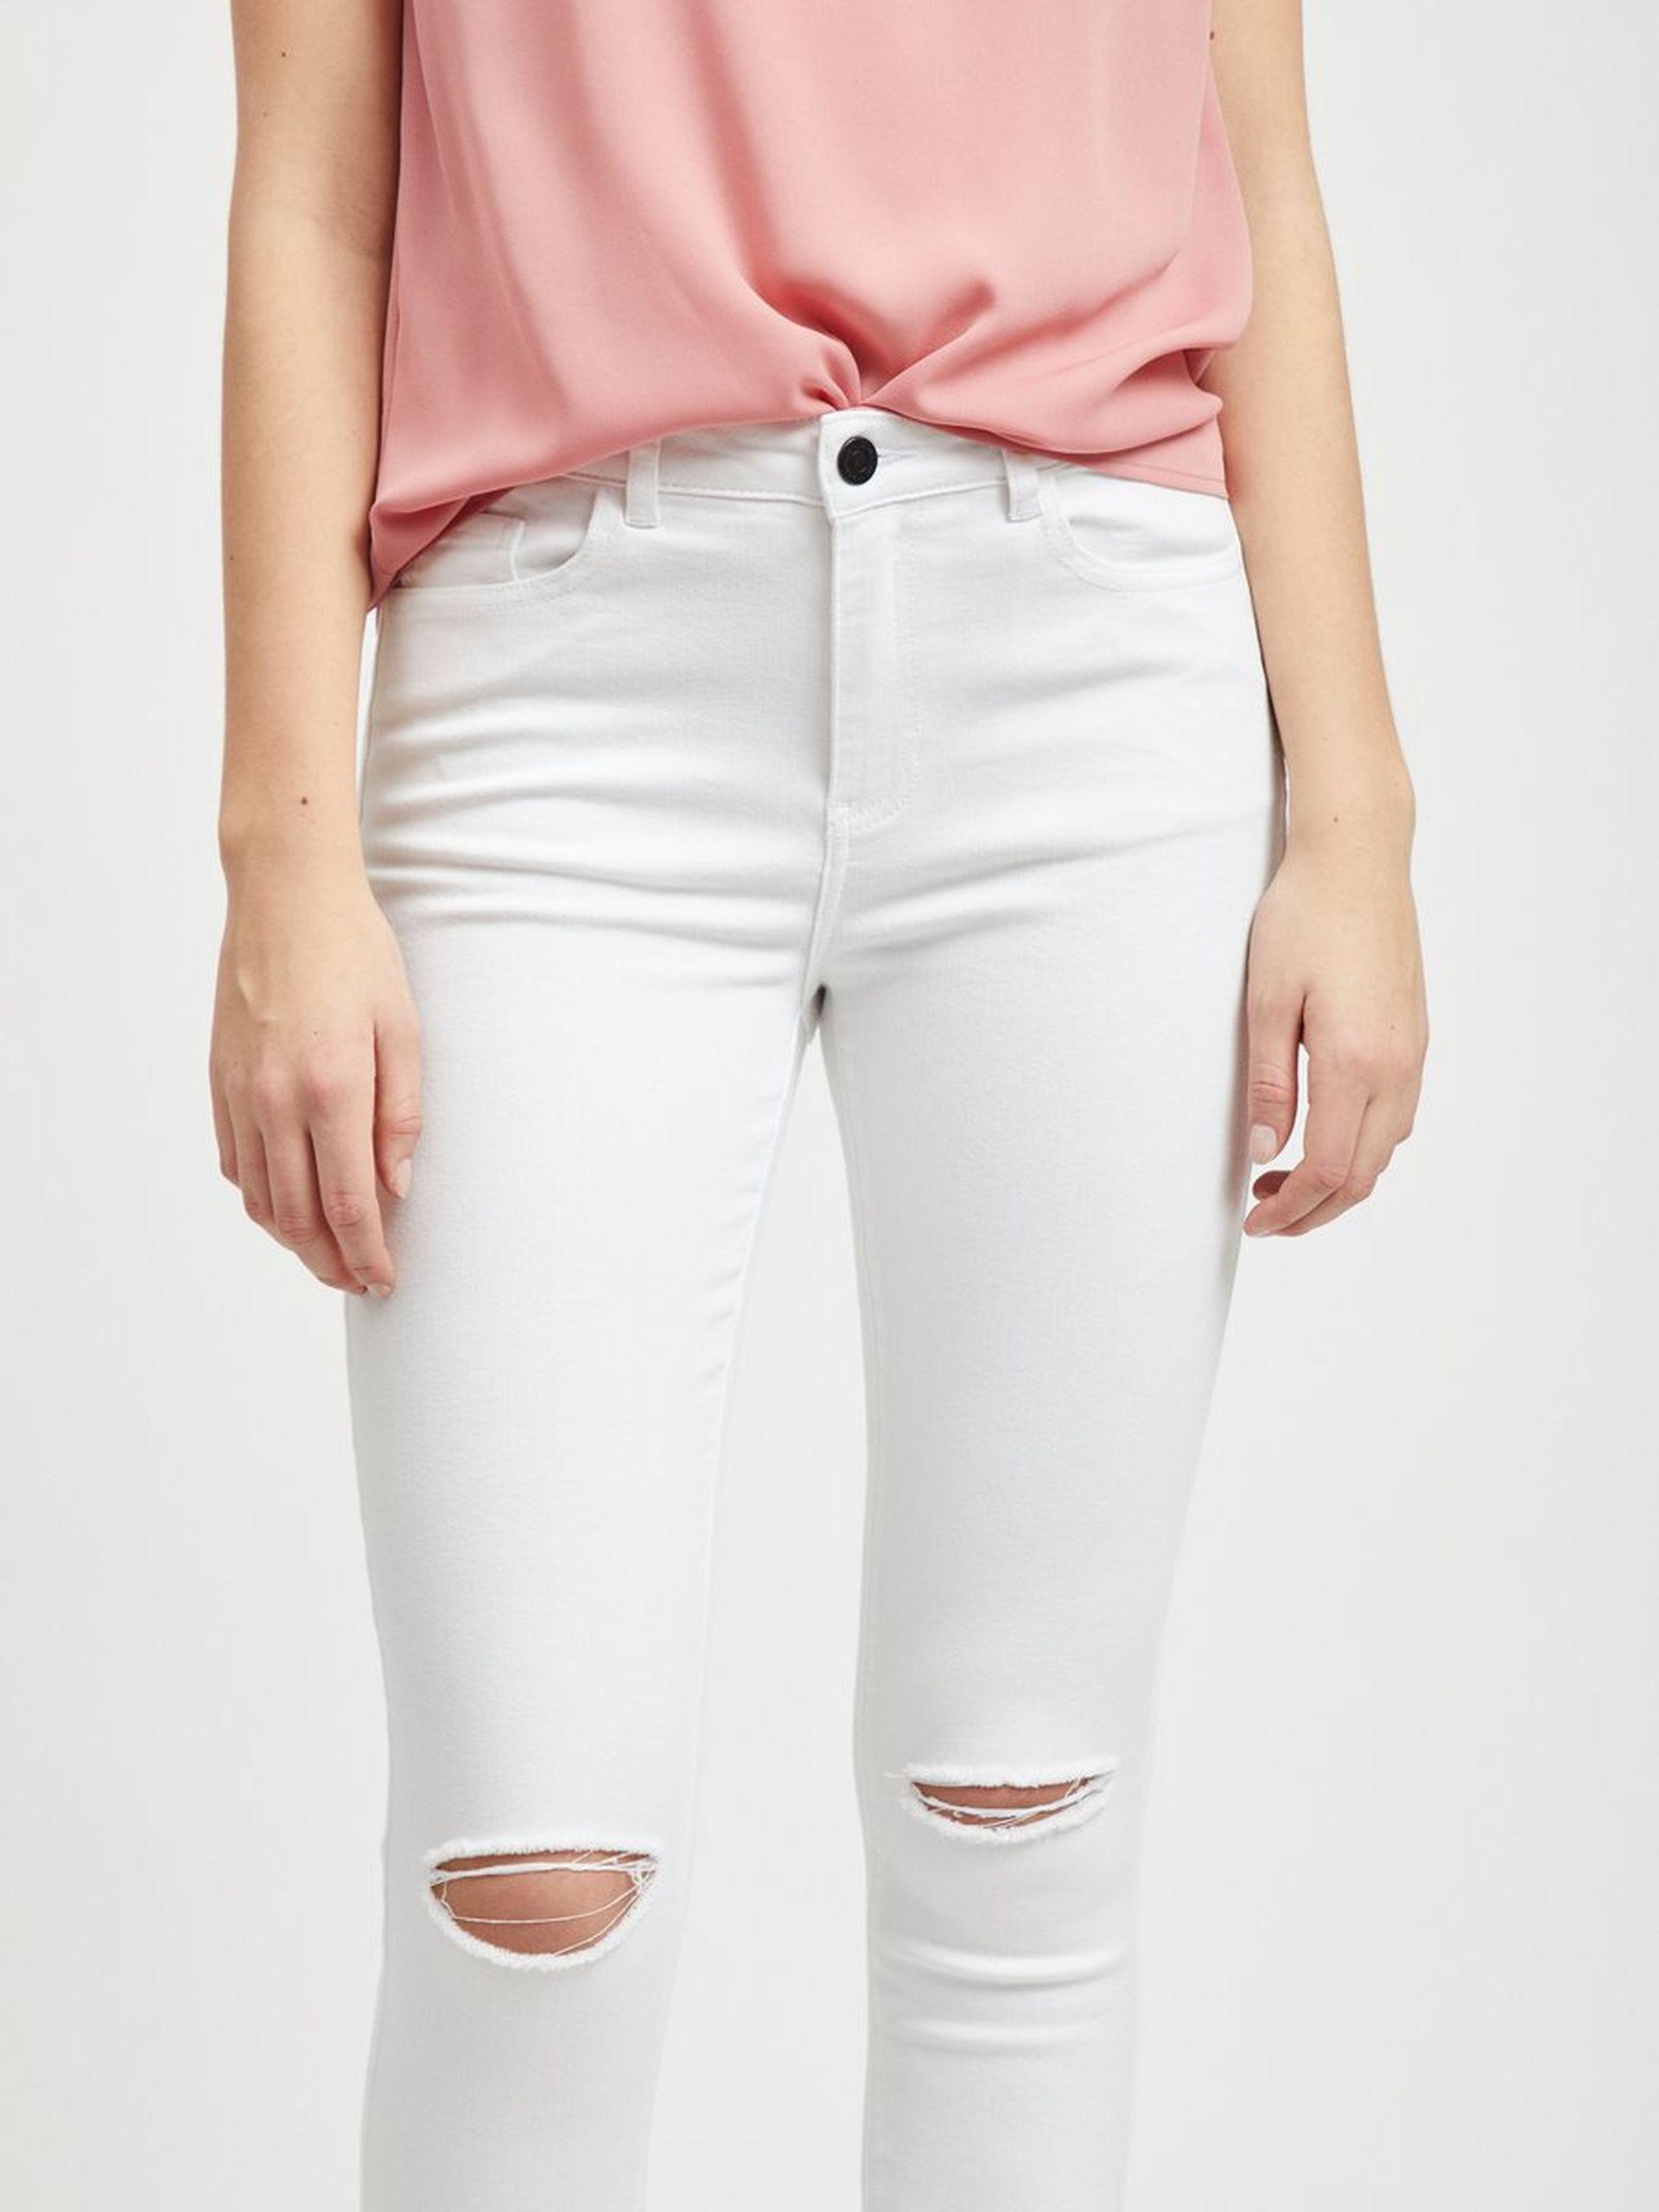 hvit bukse med hull MioTrend